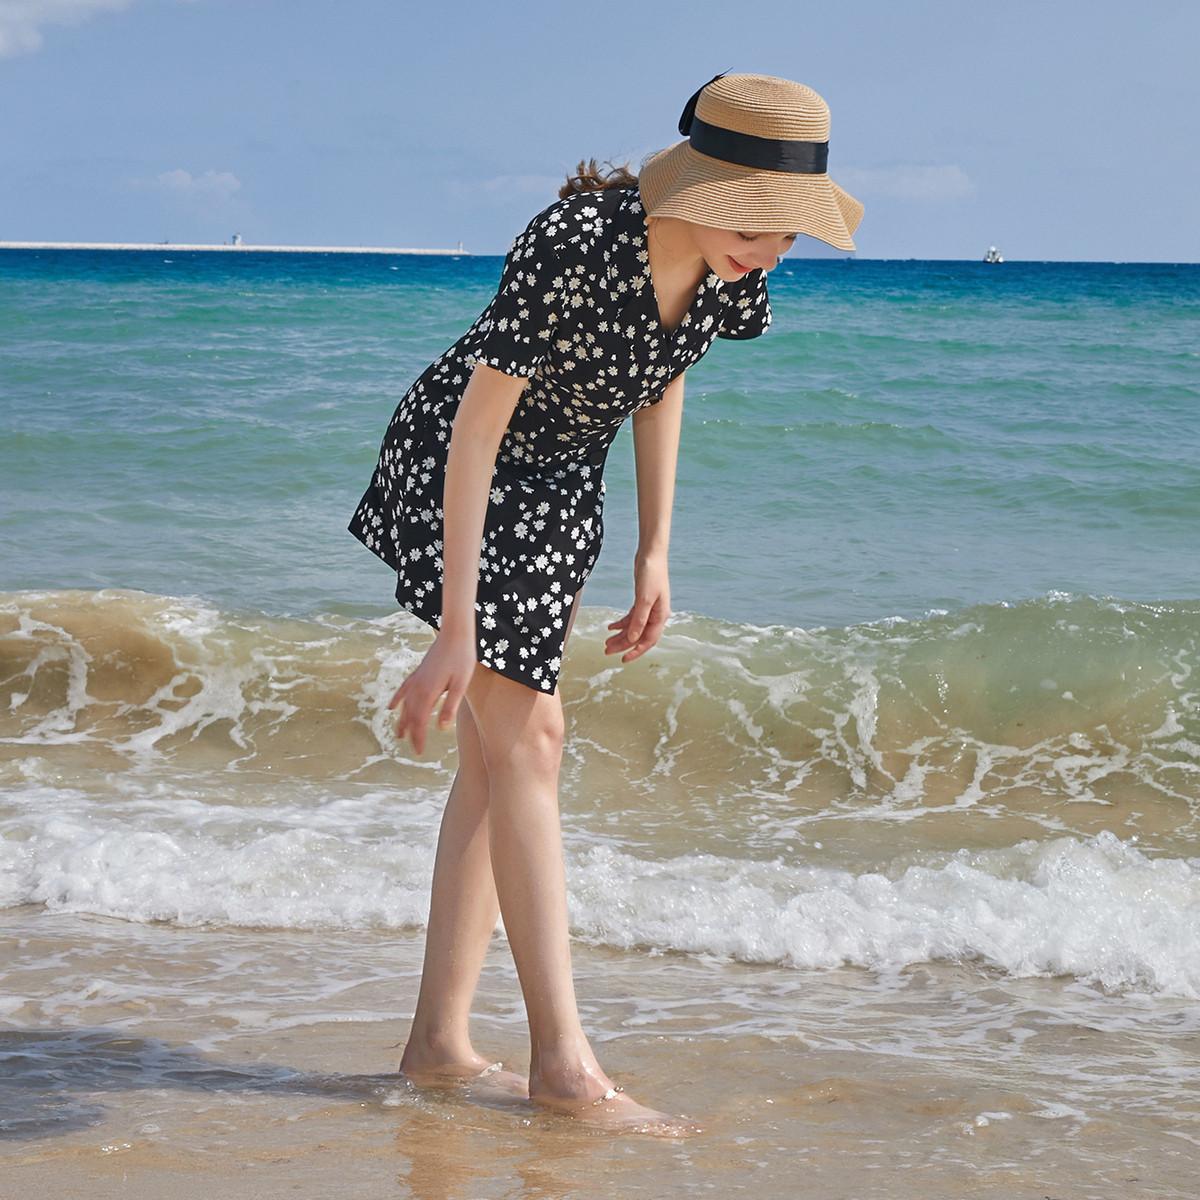 24日10点、促销活动 : 夏日浪漫穿搭—三彩美裙 唯品会大牌日